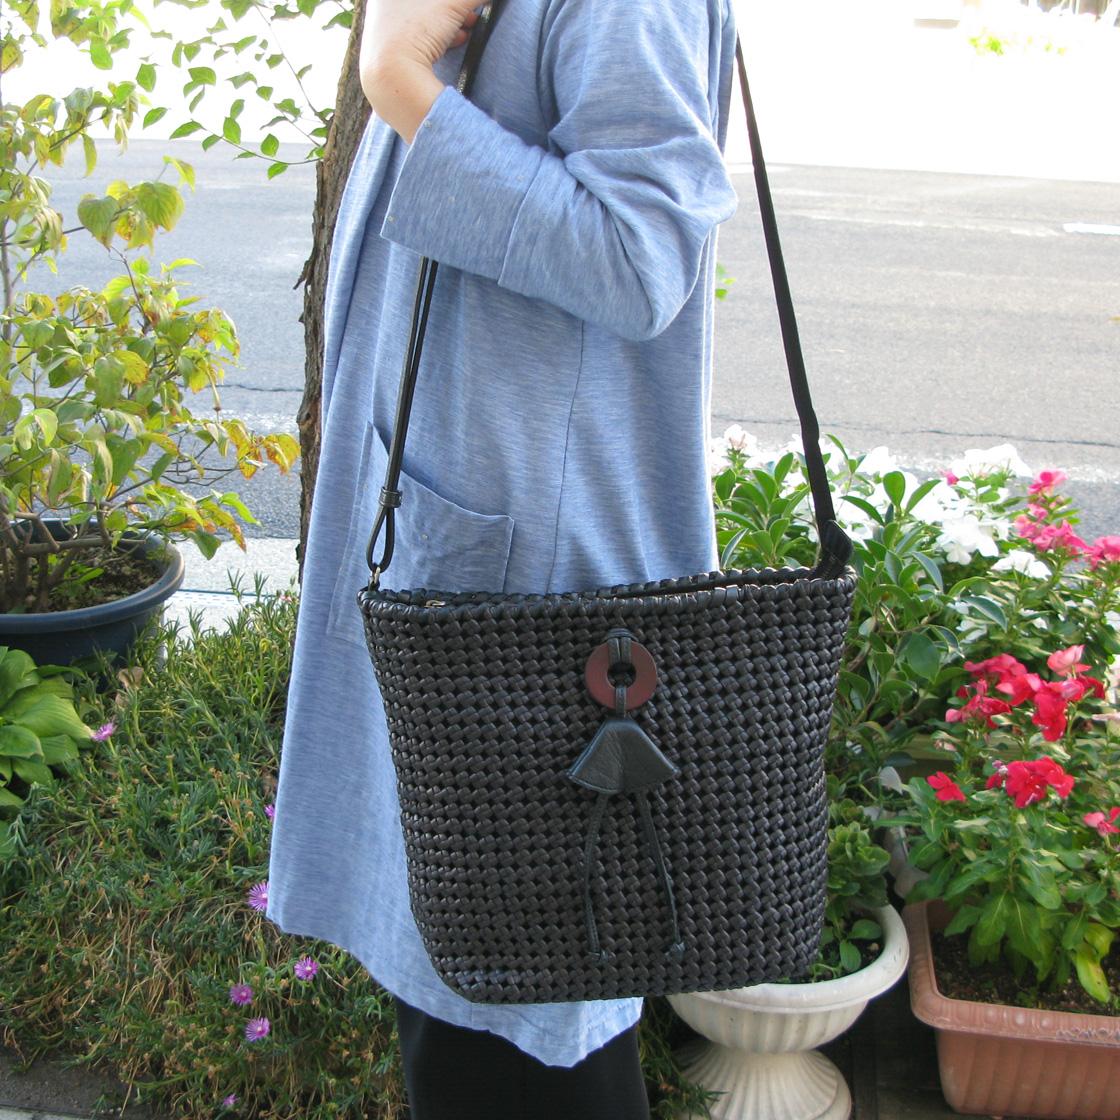 IBIZA(イビサ)フラワー編みメッシュショルダーバッグ